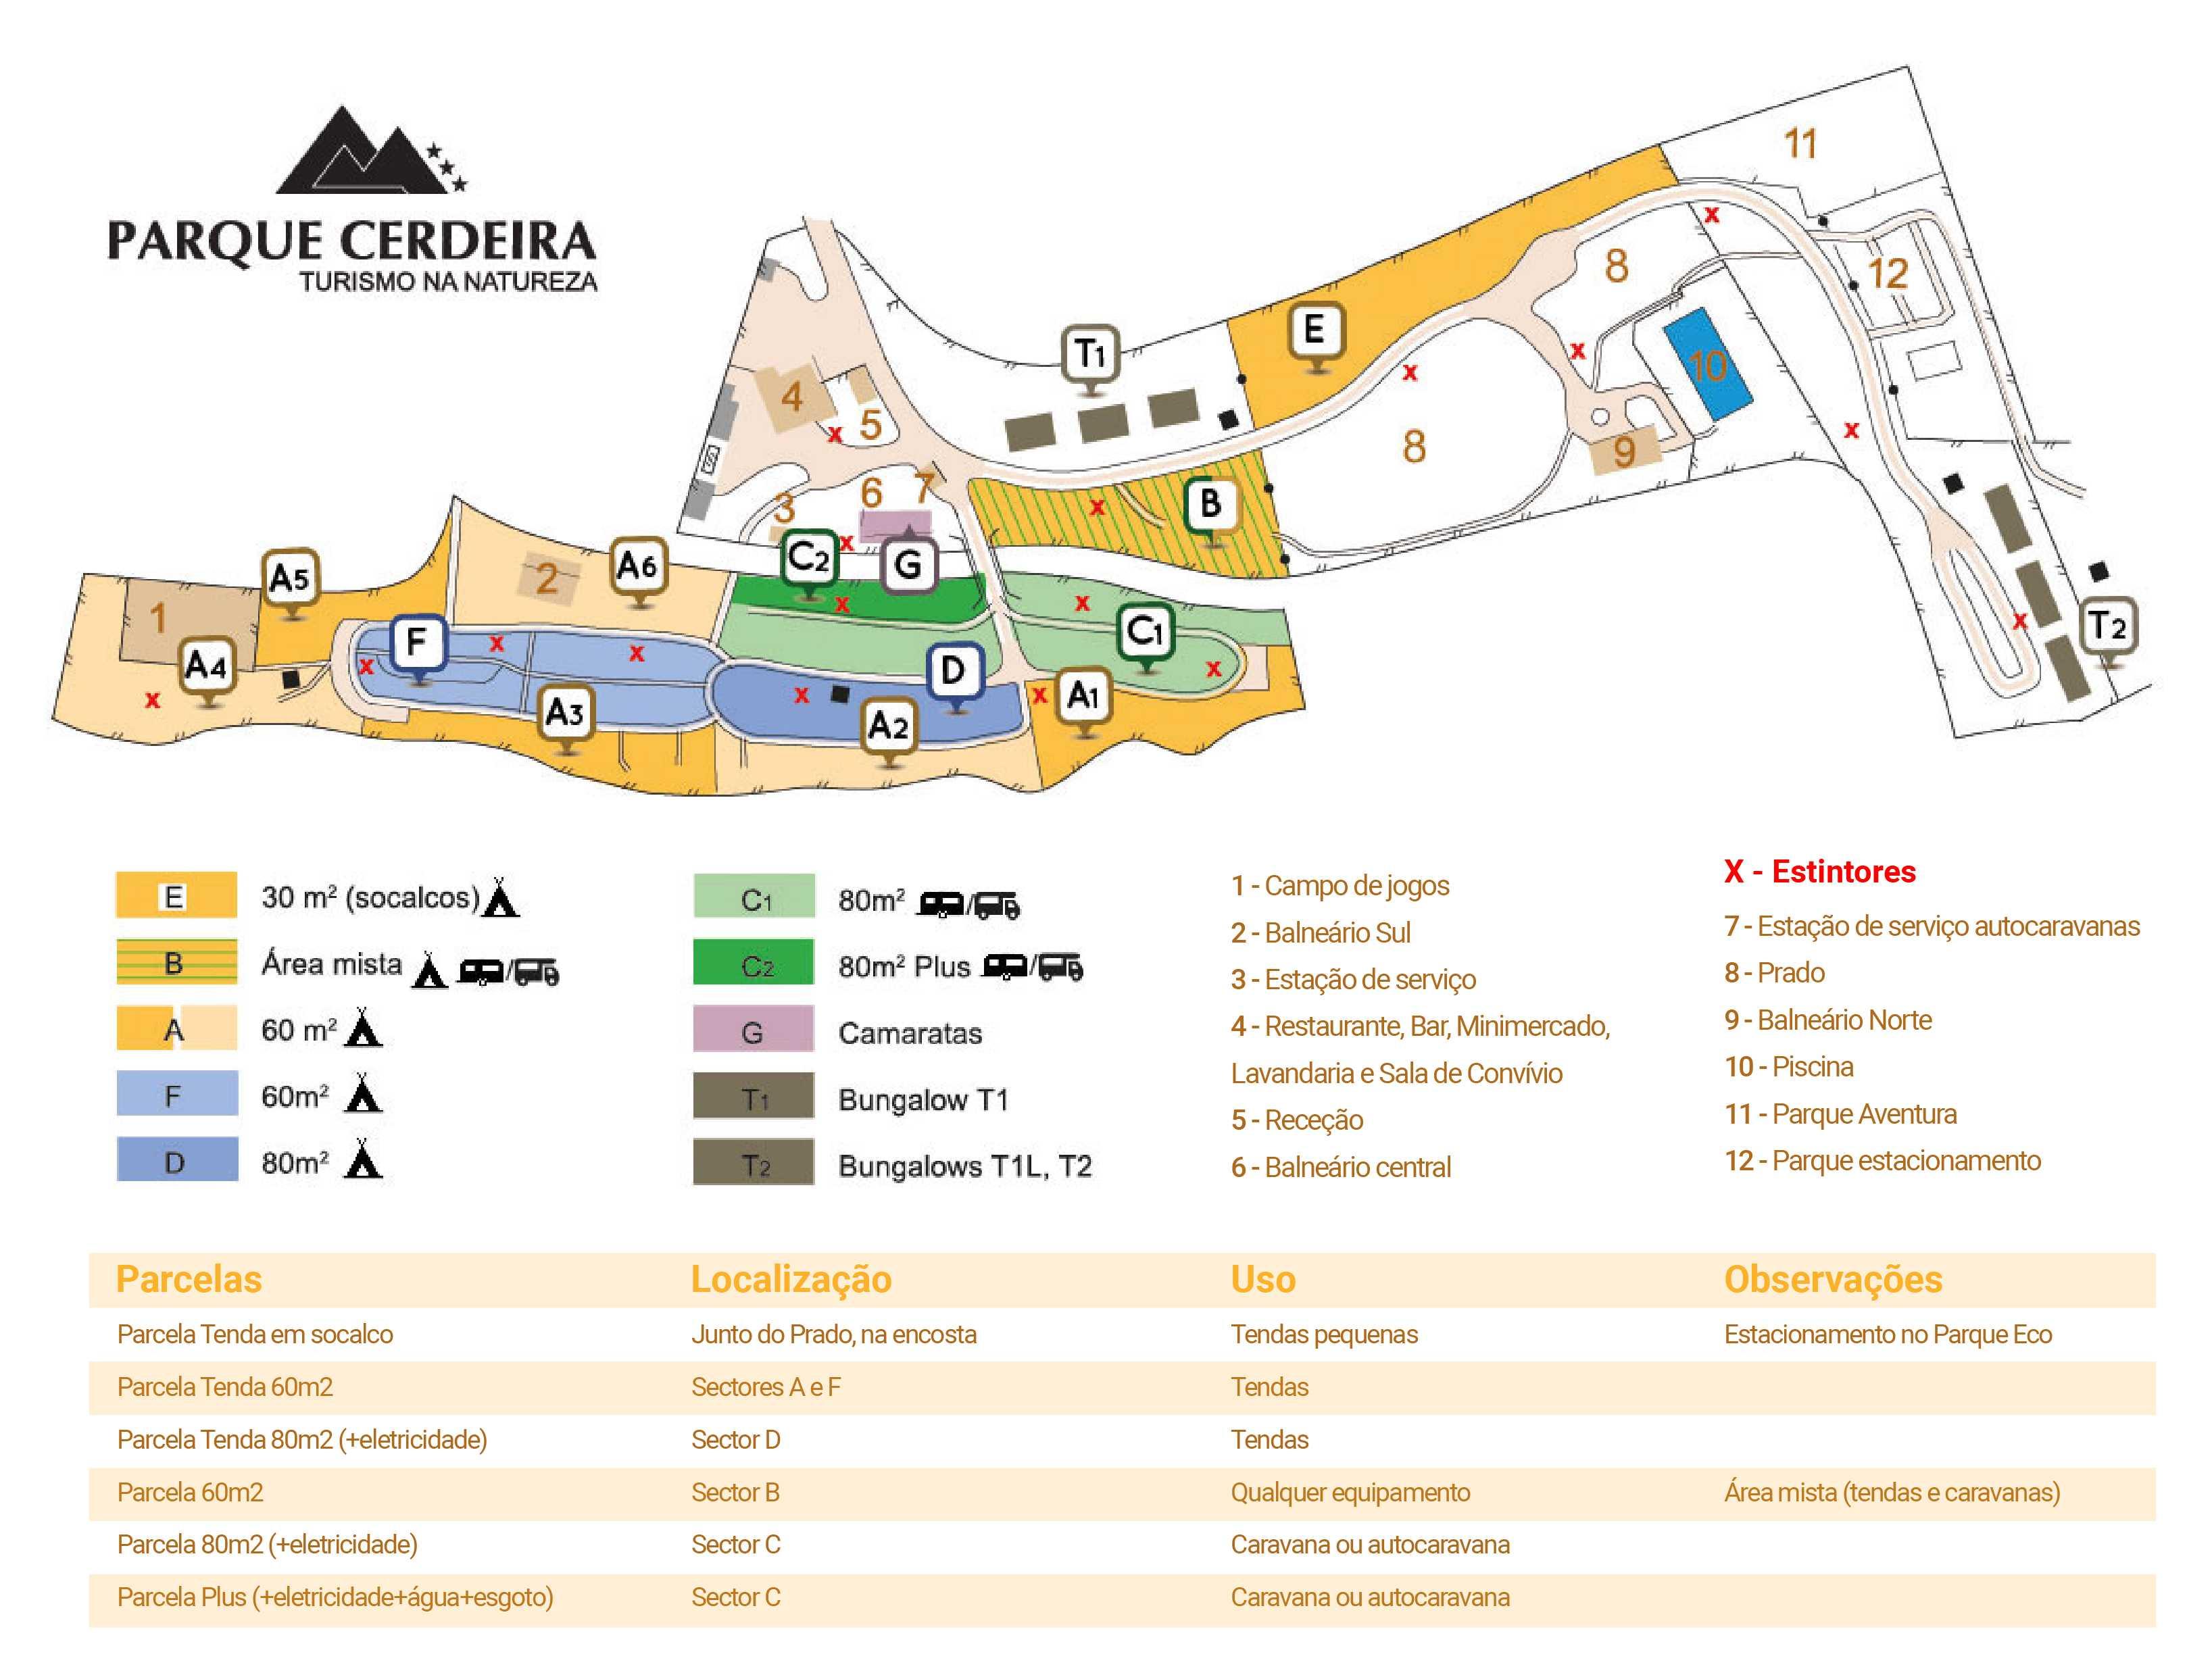 Mapa Parque cerdeira Parcelas